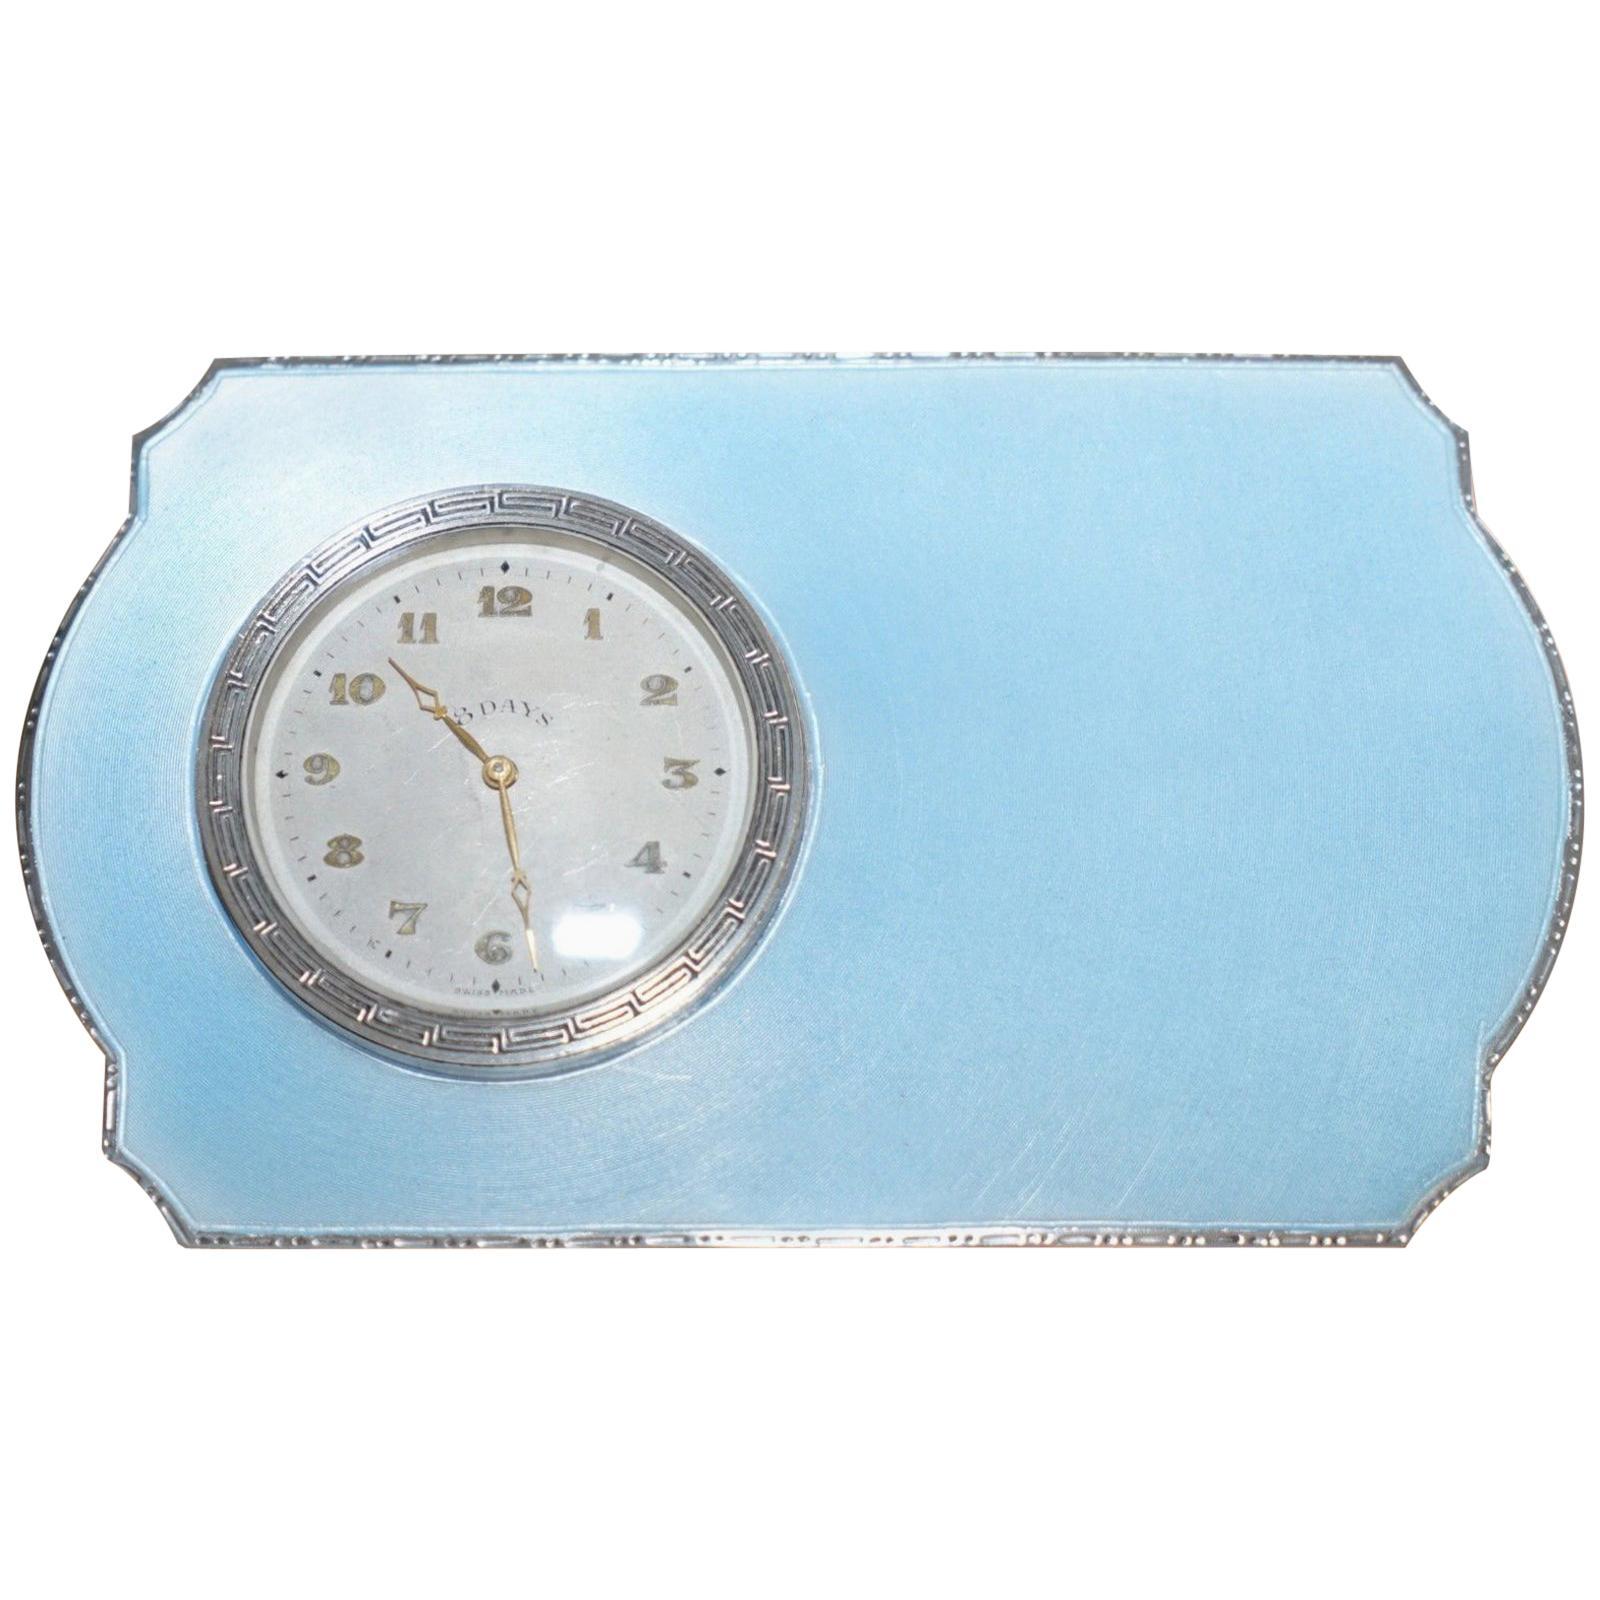 Rare 1938 Asprey Solid Sterling Silver Art Deco Guilloche Enamel 8 Day Clock